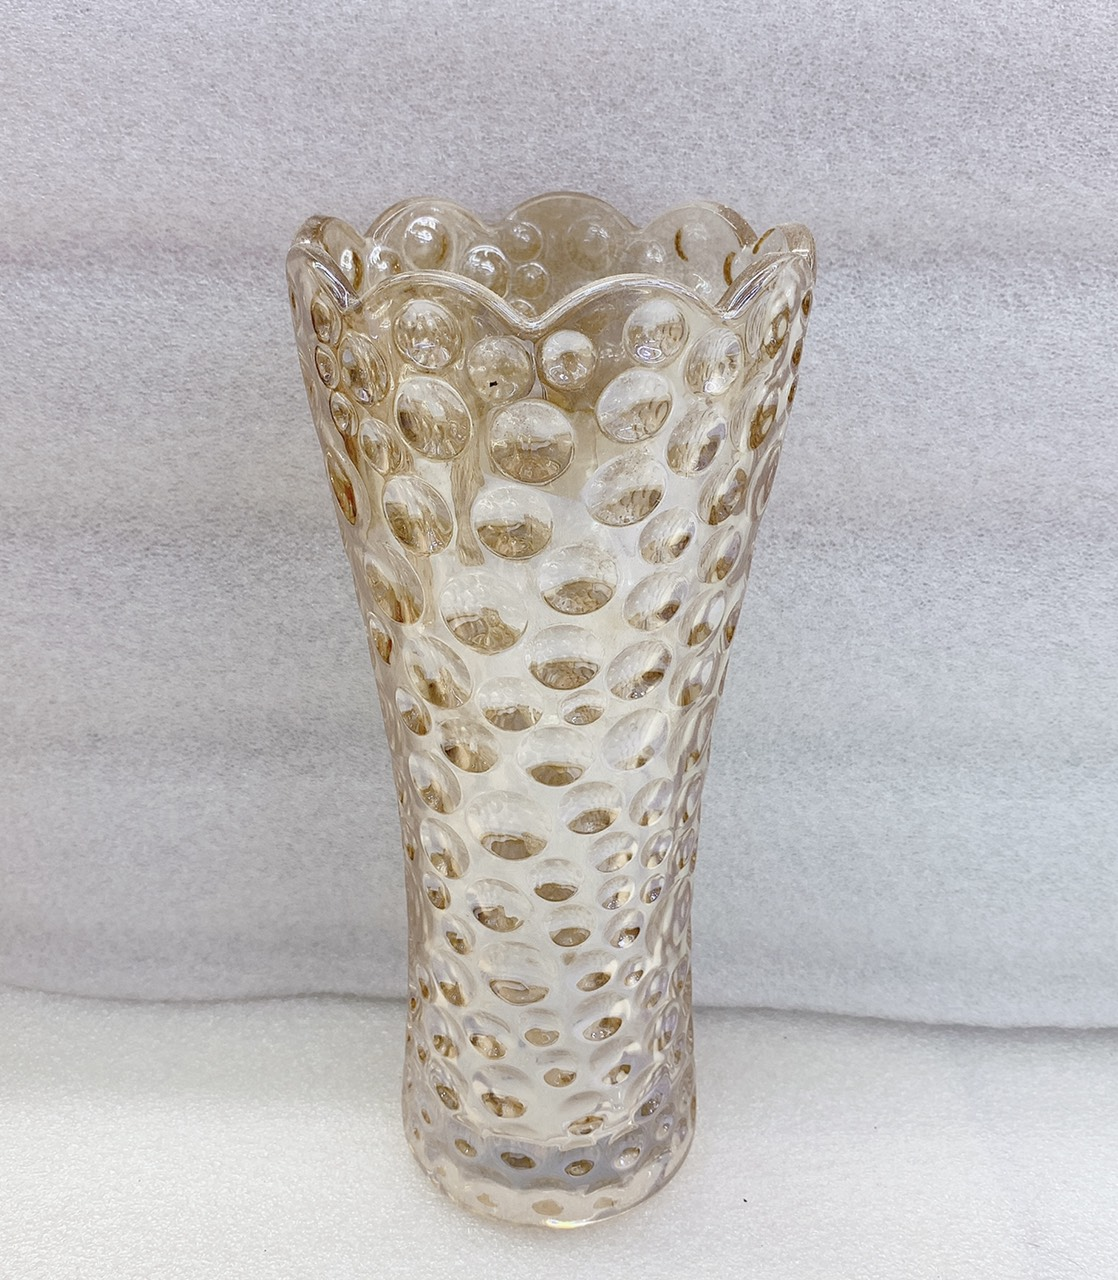 Bình cắm hoa thủy tinh màu ánh vàng cao cấp 30cm  - ANTH505